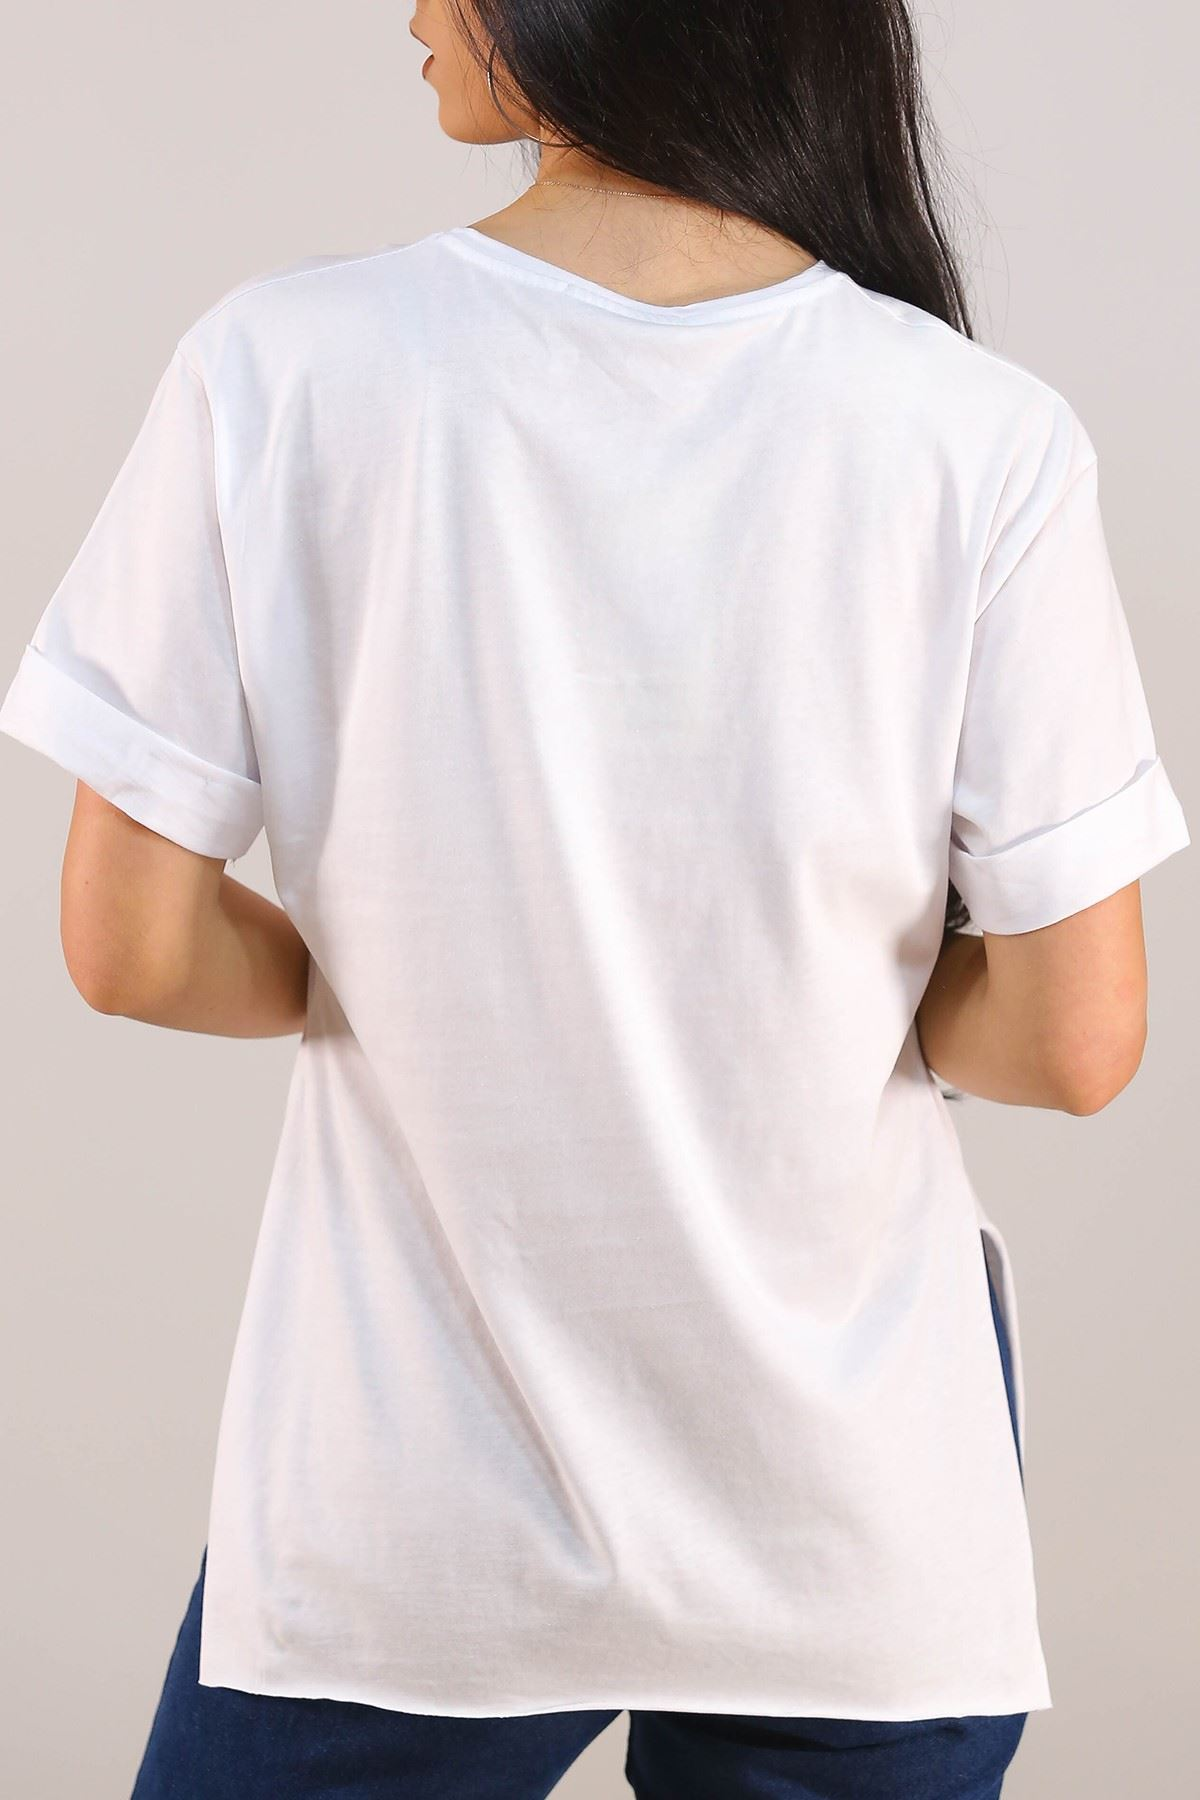 Baskılı Tişört Beyaz - 5080.275.